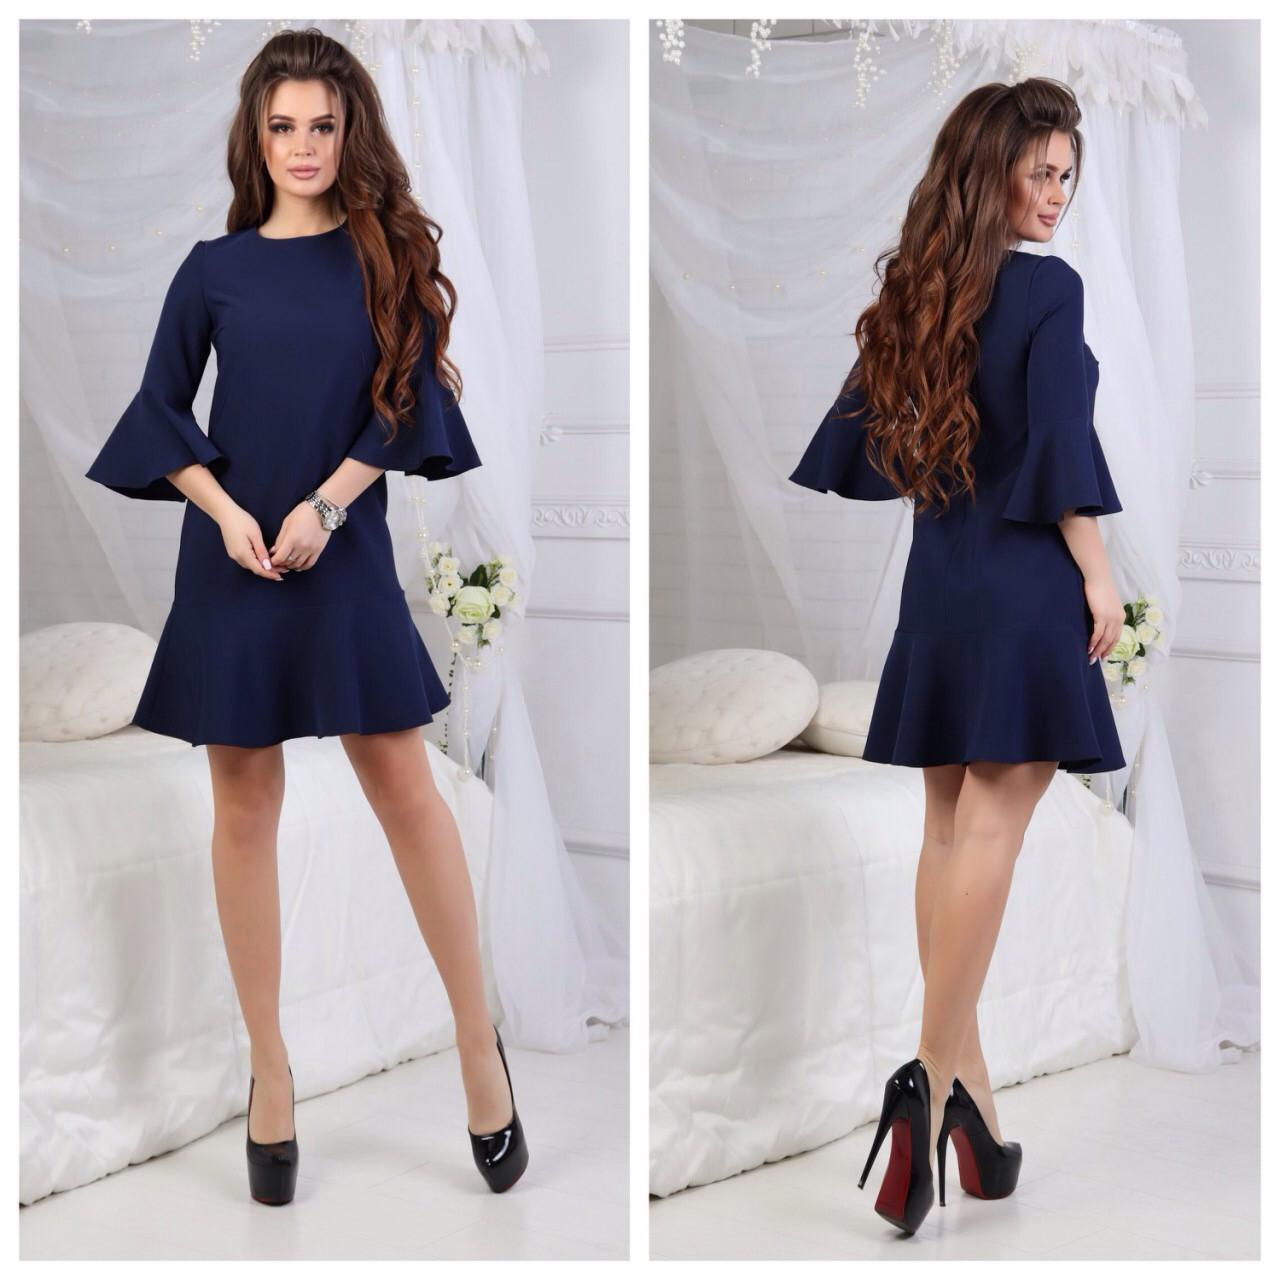 670c0ccc54f Платье женское купить оптом со склада  продажа